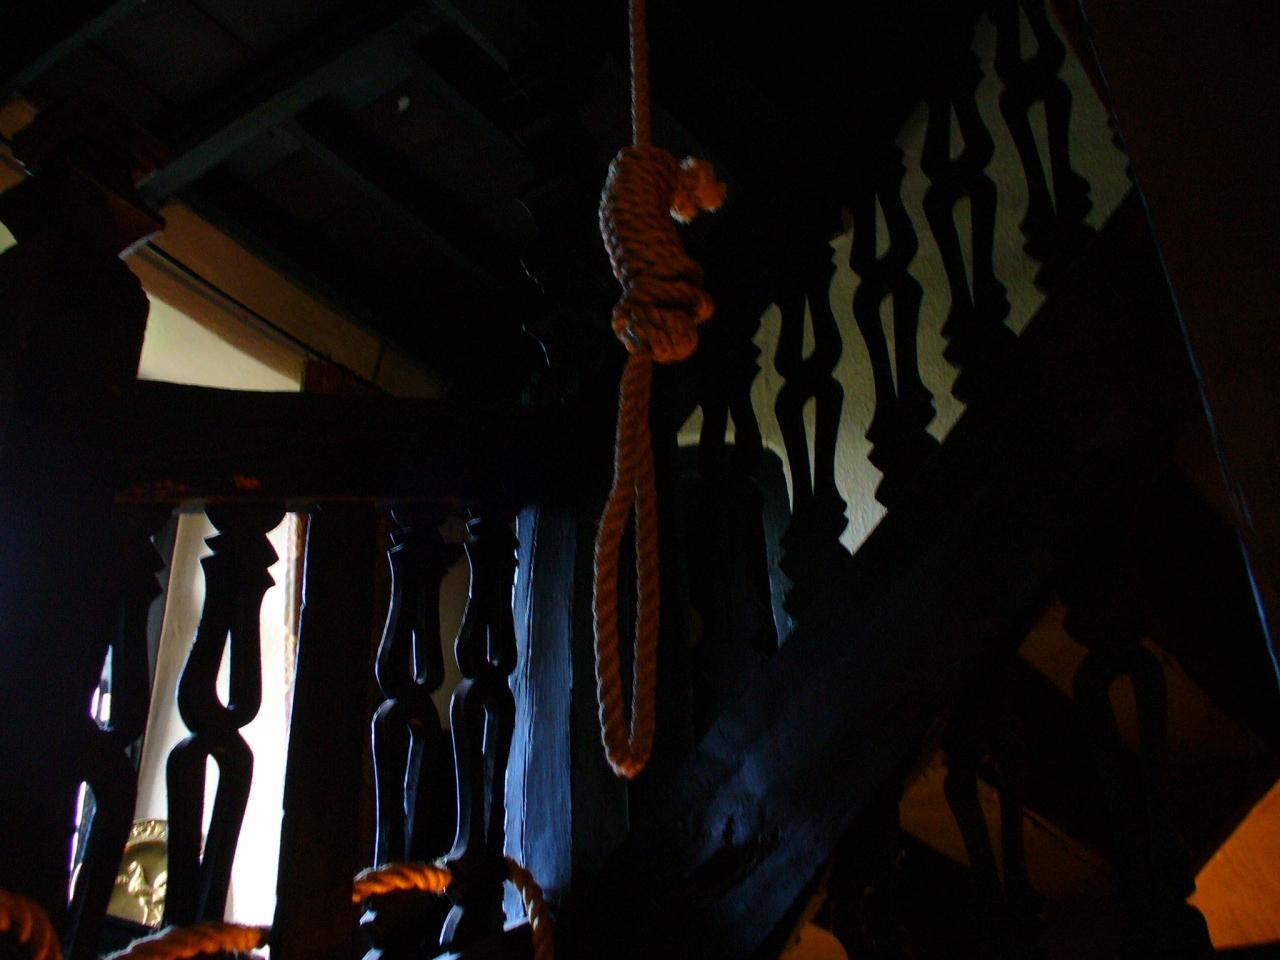 再び登場、ウェールズの怪奇?! 縛り首の宿と血で描かれた消えない壁画だよ~ん♪